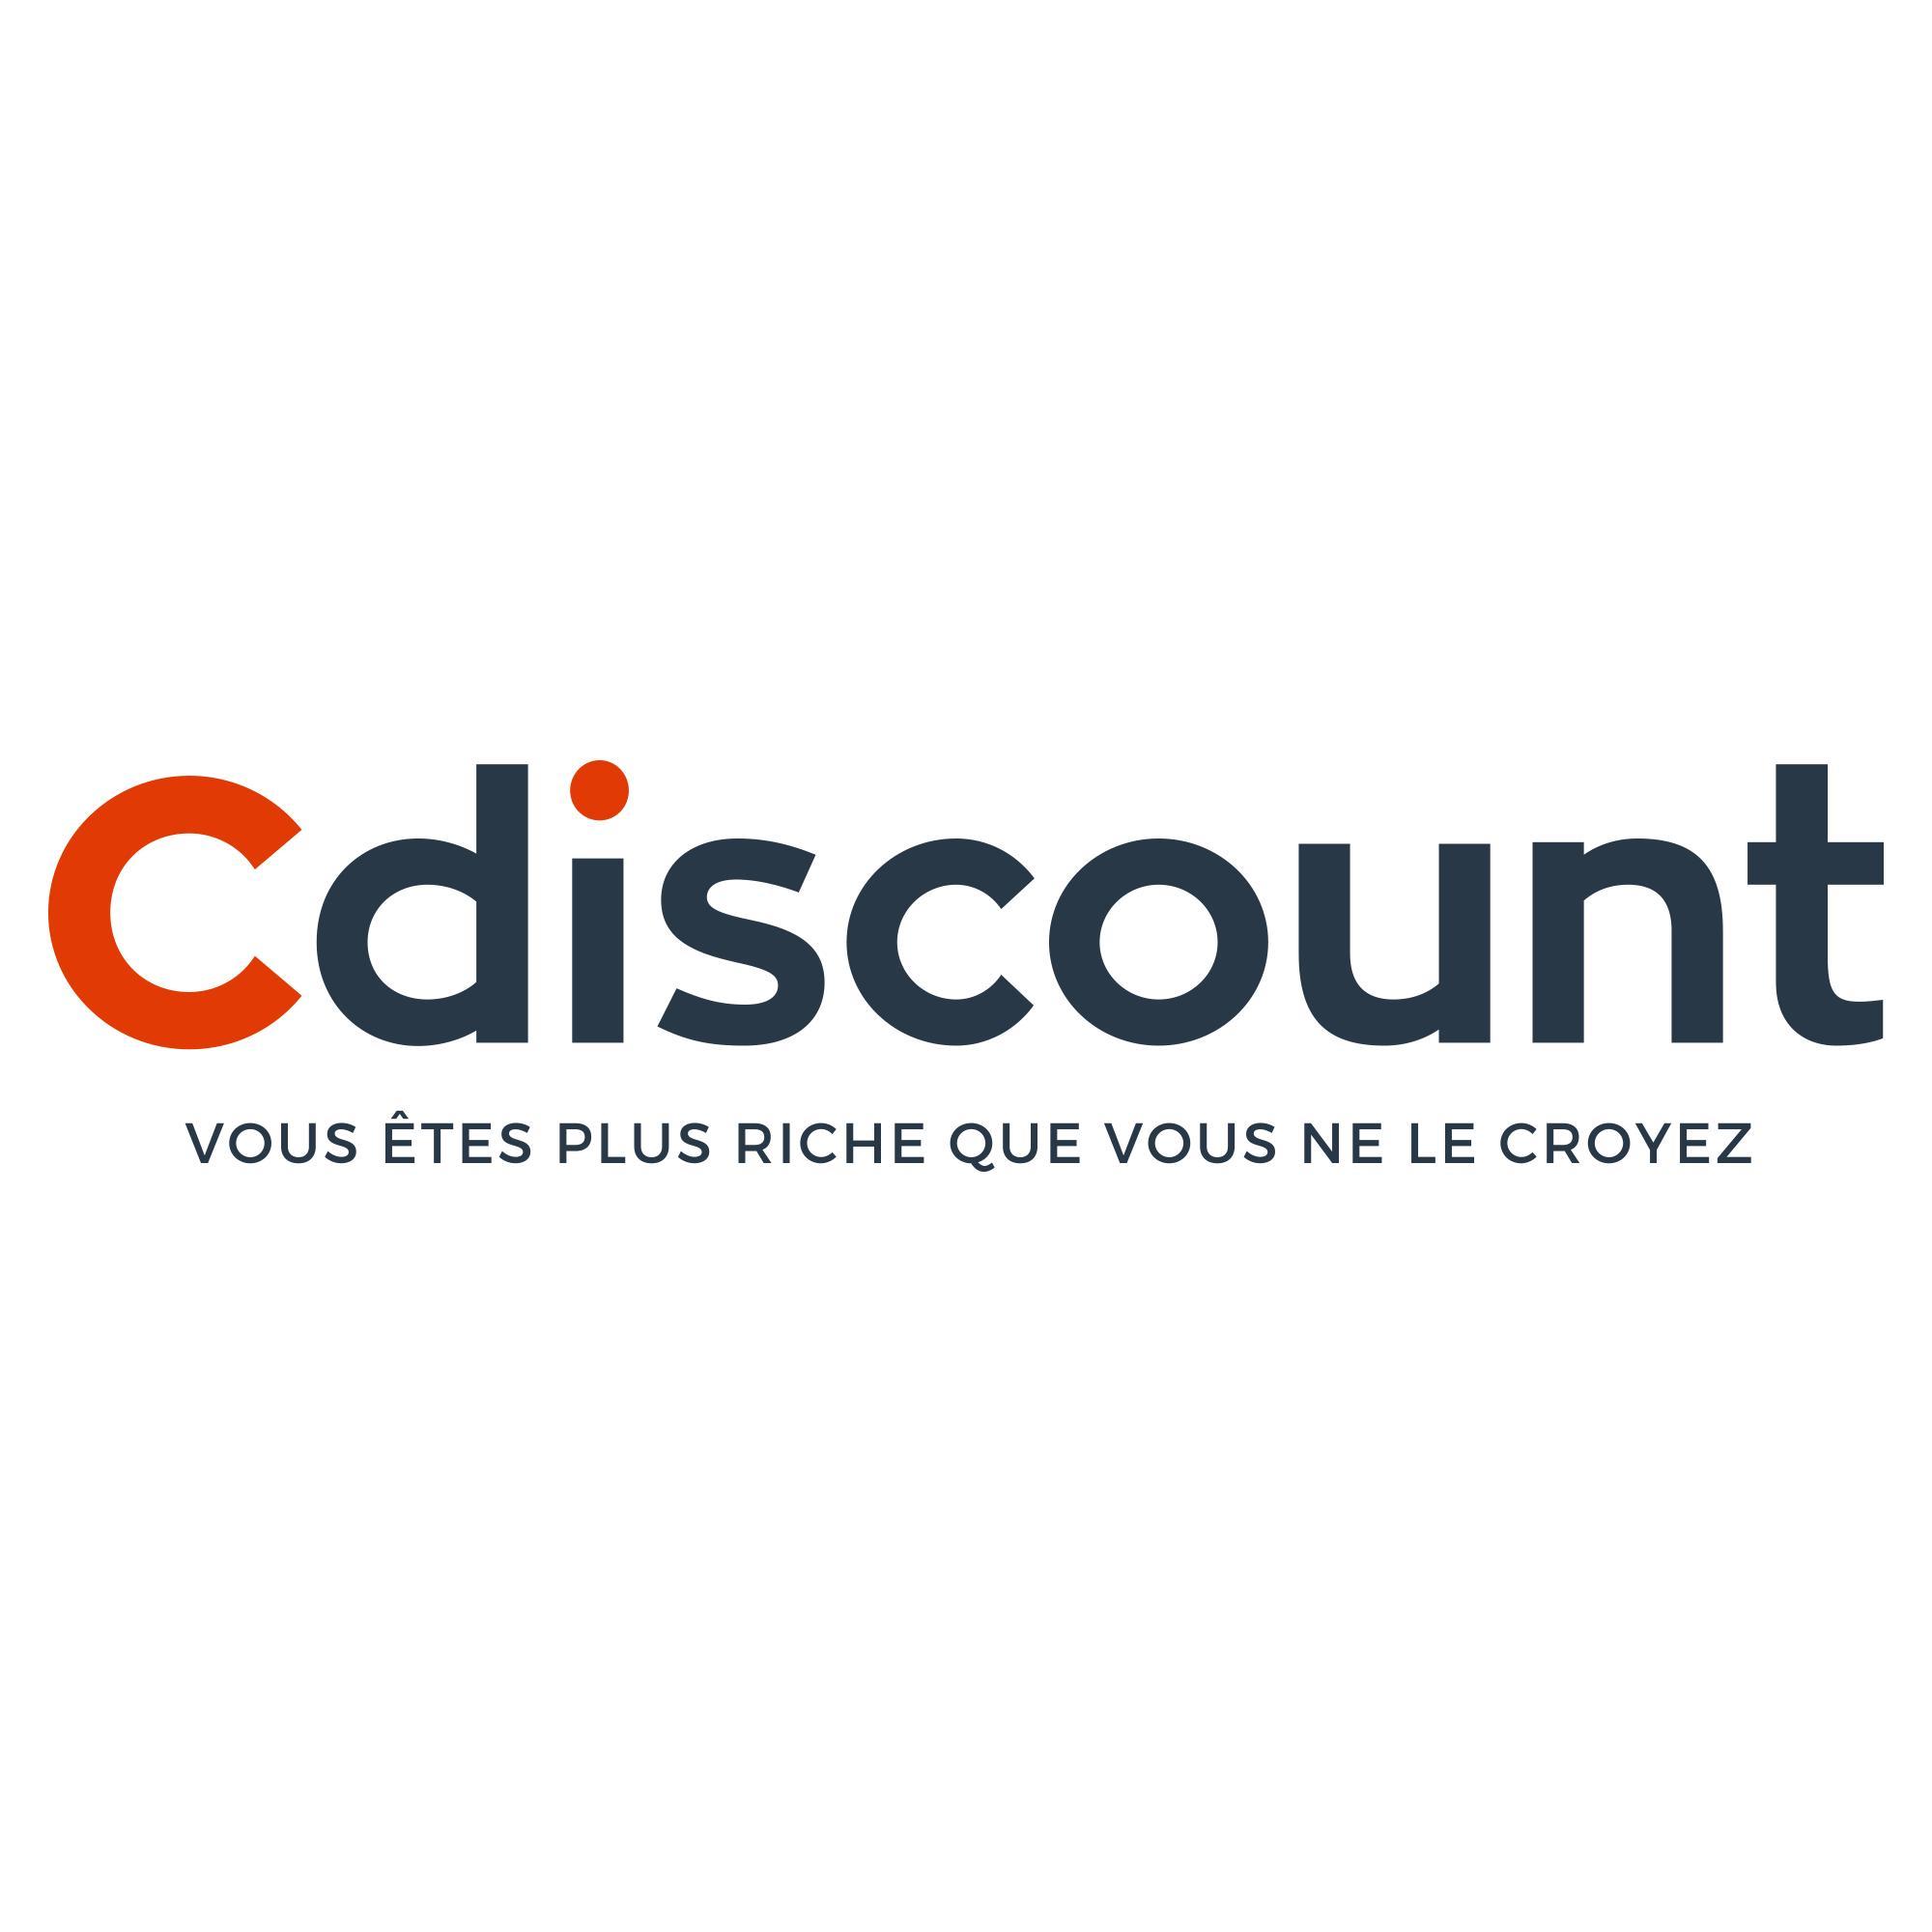 15€ de réduction dès 149€ d'achat sur tout le site (Marketplace inclus) via les applications mobiles